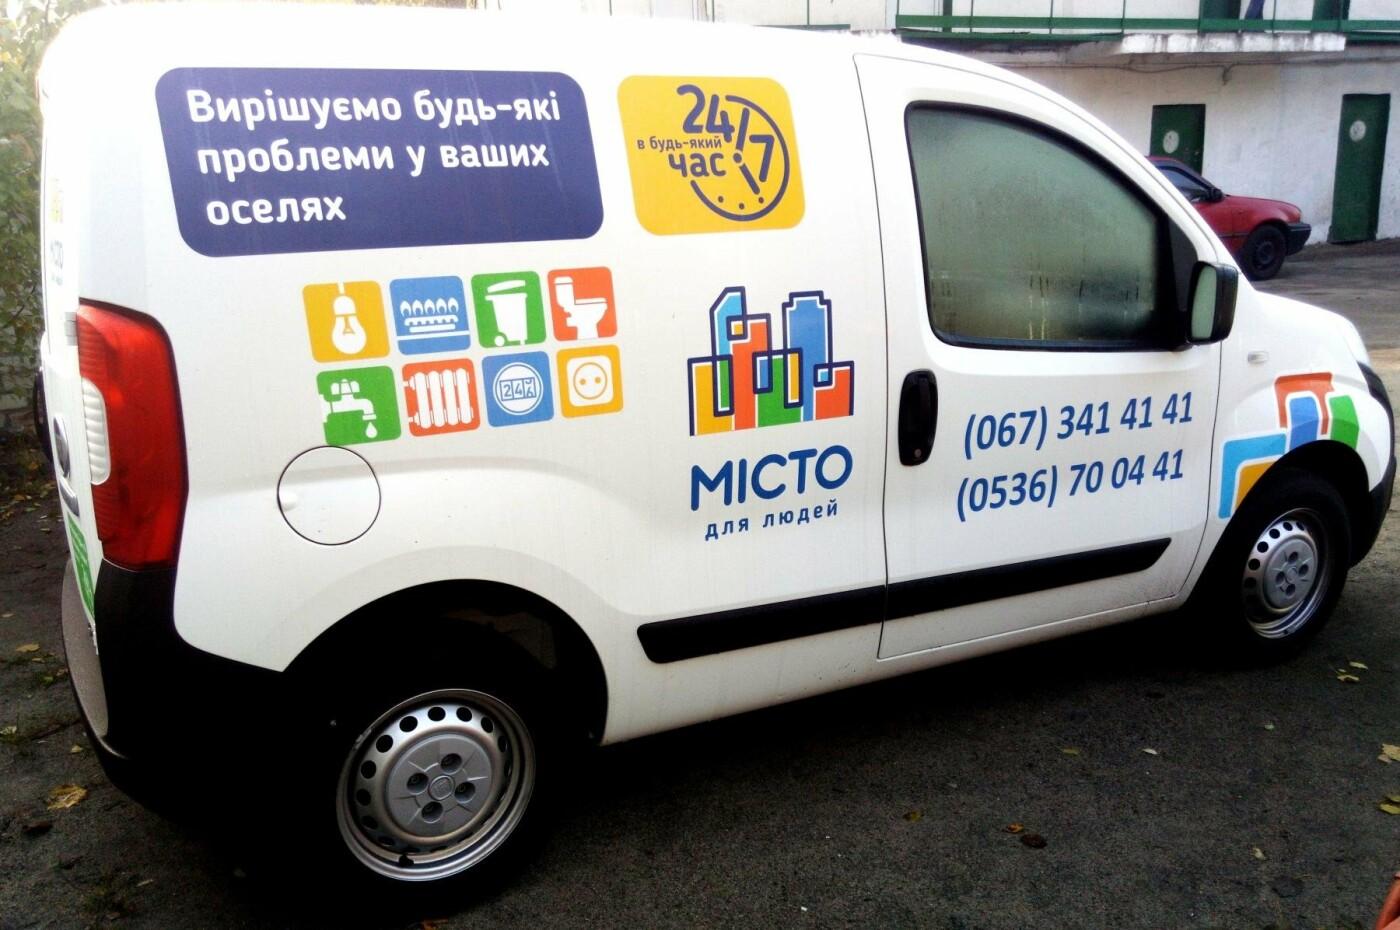 Кременчуцька управляюча компанія придбала нові автомобілі (Фото), фото-1